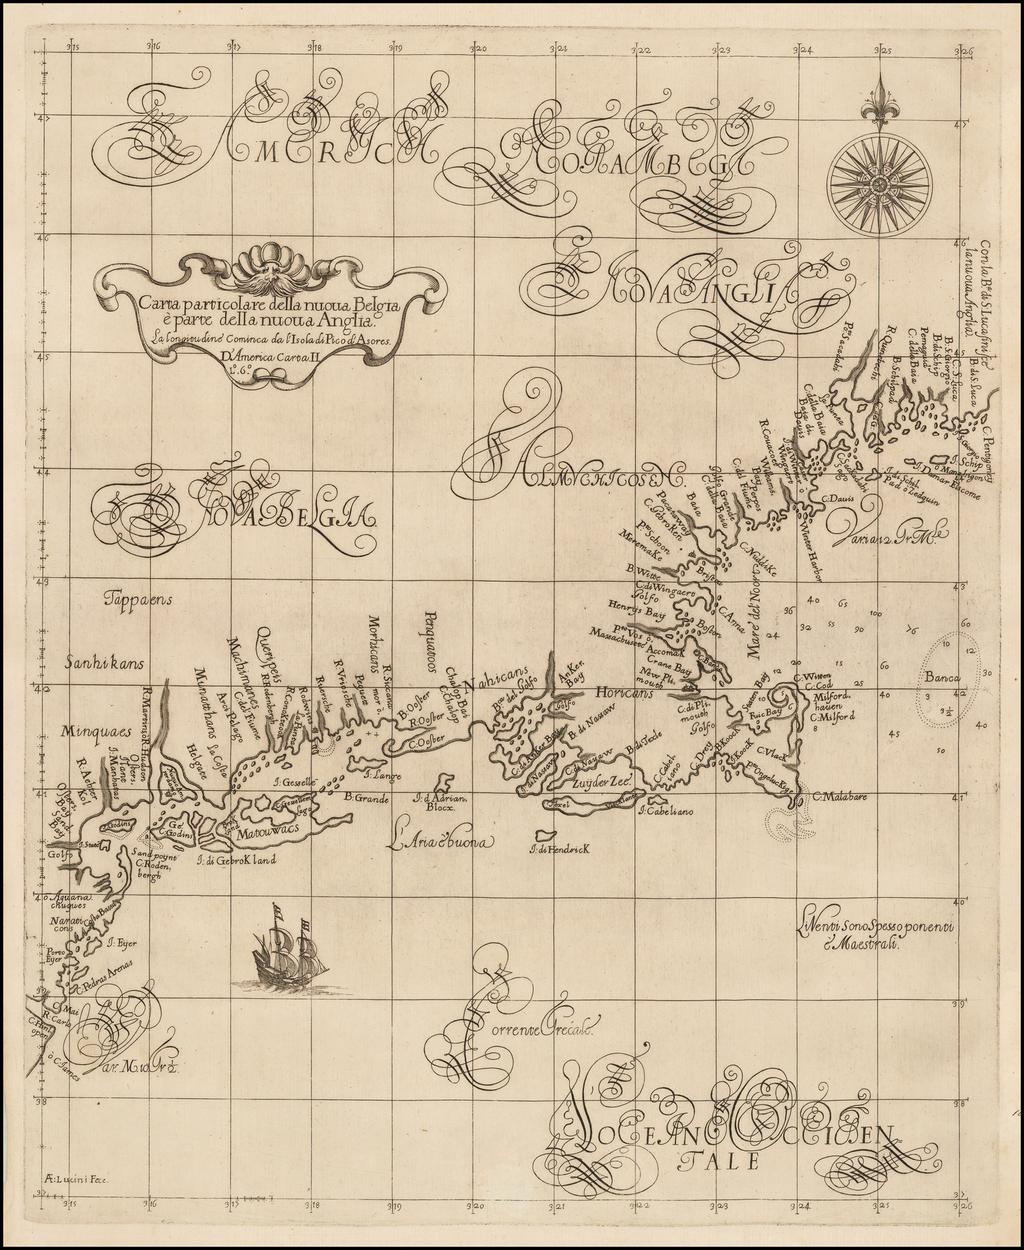 Carta particolare della nuova Belgia e parte della nuova Anglia . . .  By Robert Dudley